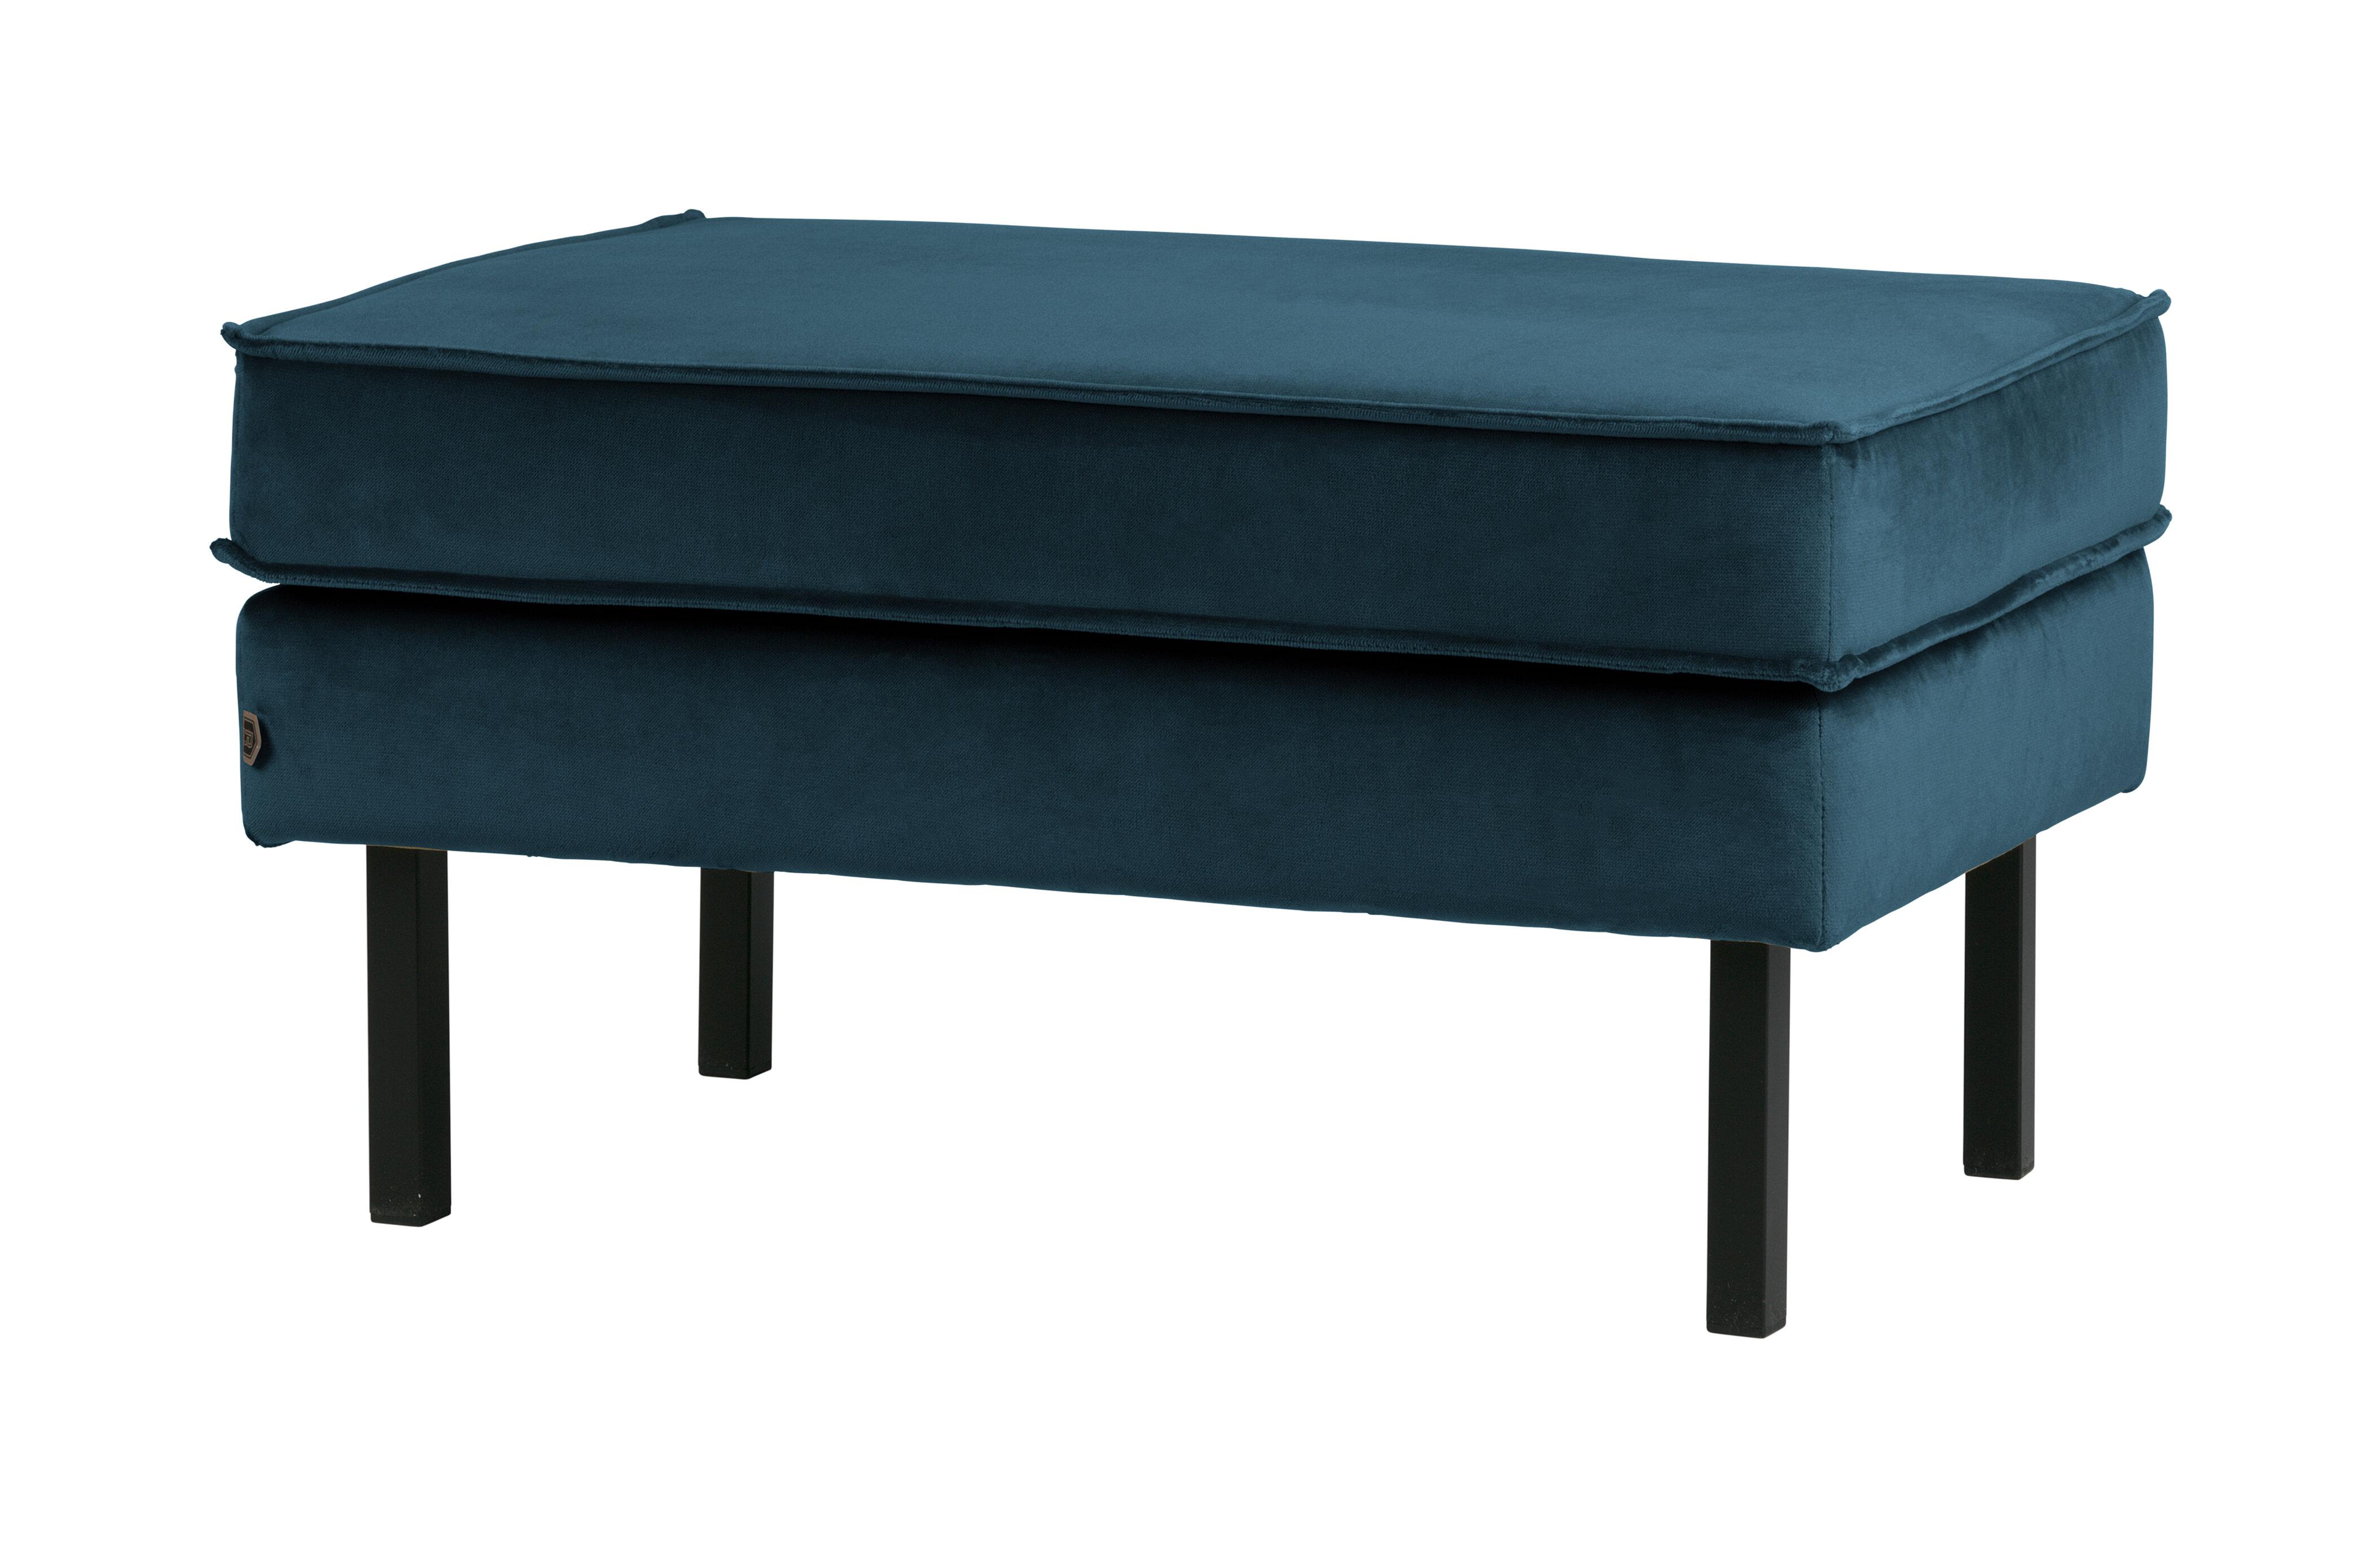 BePureHome Hocker 'Rodeo' Velvet, kleur Blauw Velvet (velours-textiel) 100% polyester aanschaffen? Kijk hier!